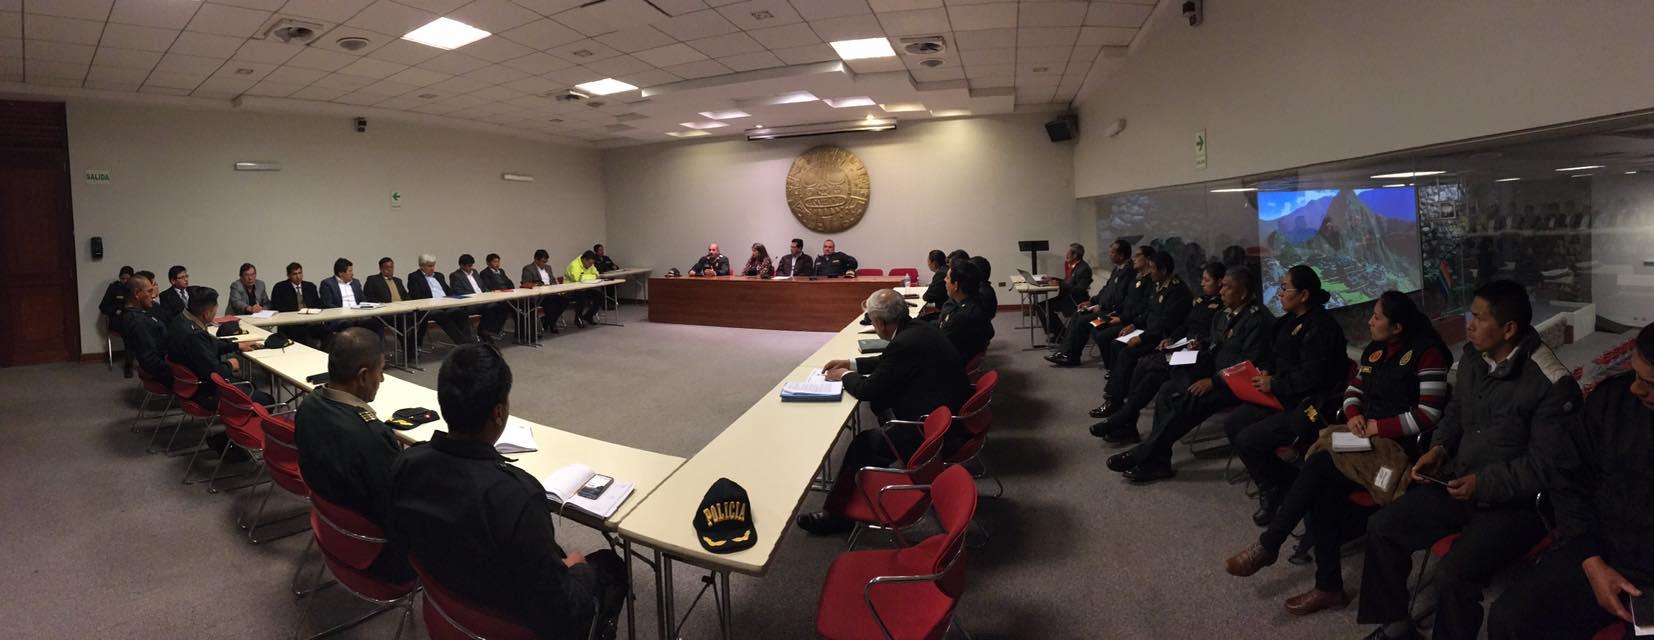 MUNICIPALIDADES DE LA PROVINCIA DEL CUSCO Y LA POLICÍA NACIONAL DEL PERÚ PLANIFICAN ACCIONES  PARA COMBATIR LA INSEGURIDAD CIUDADANA EN LA CIUDAD.